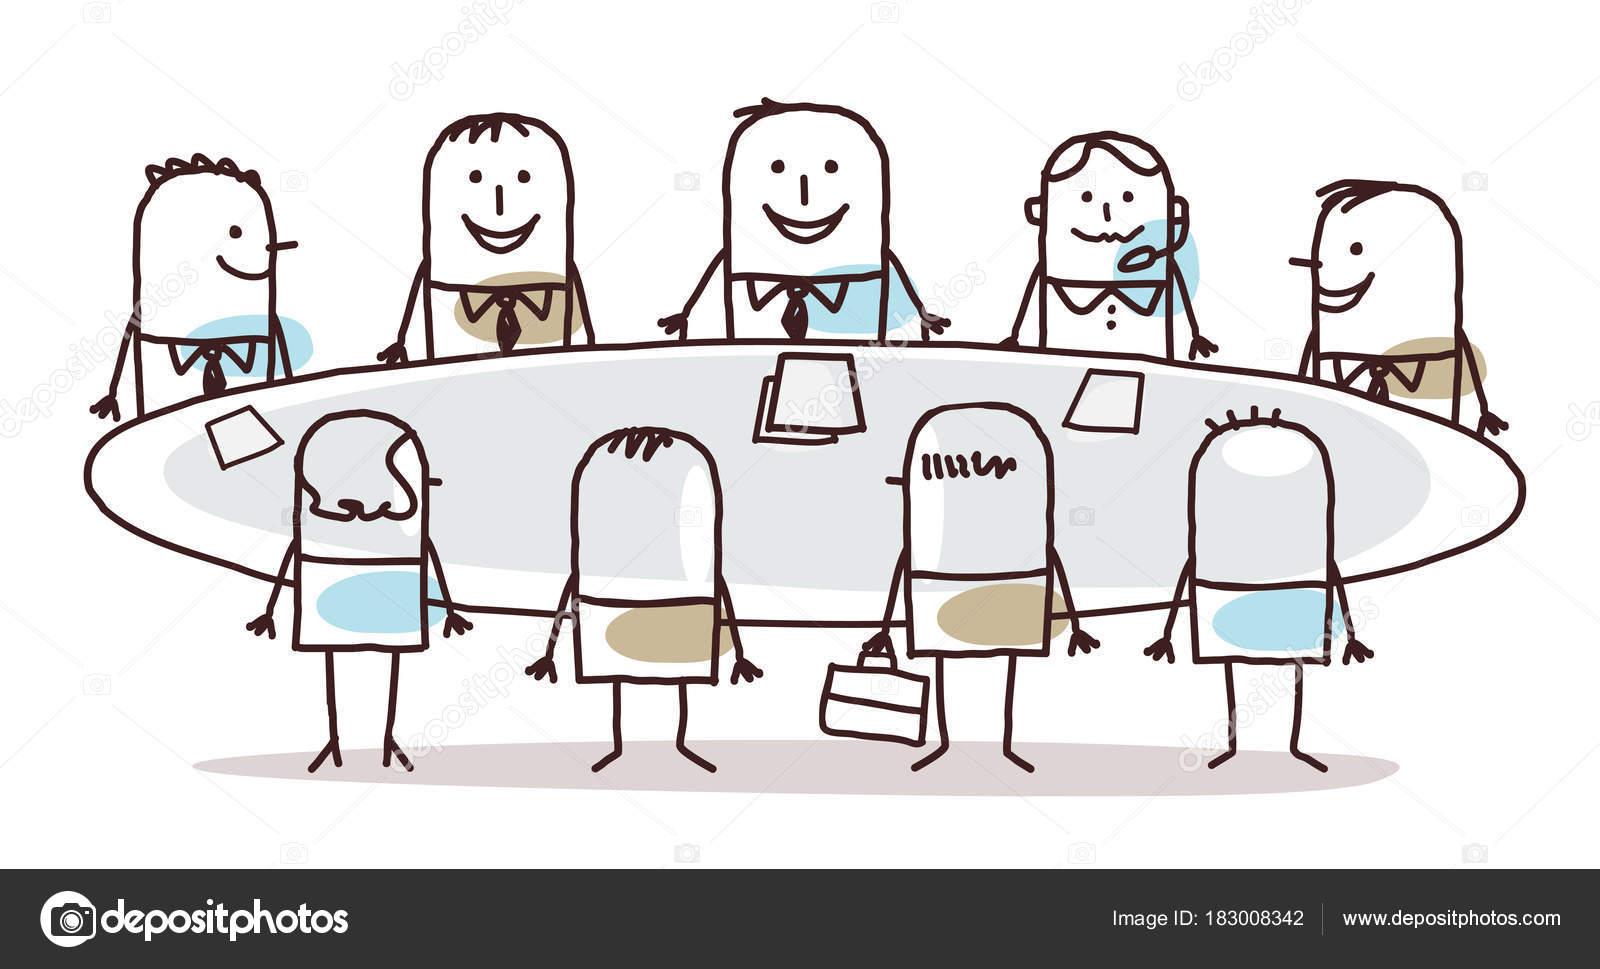 Dessin Anime Business Teamwork Autour D Une Table Image